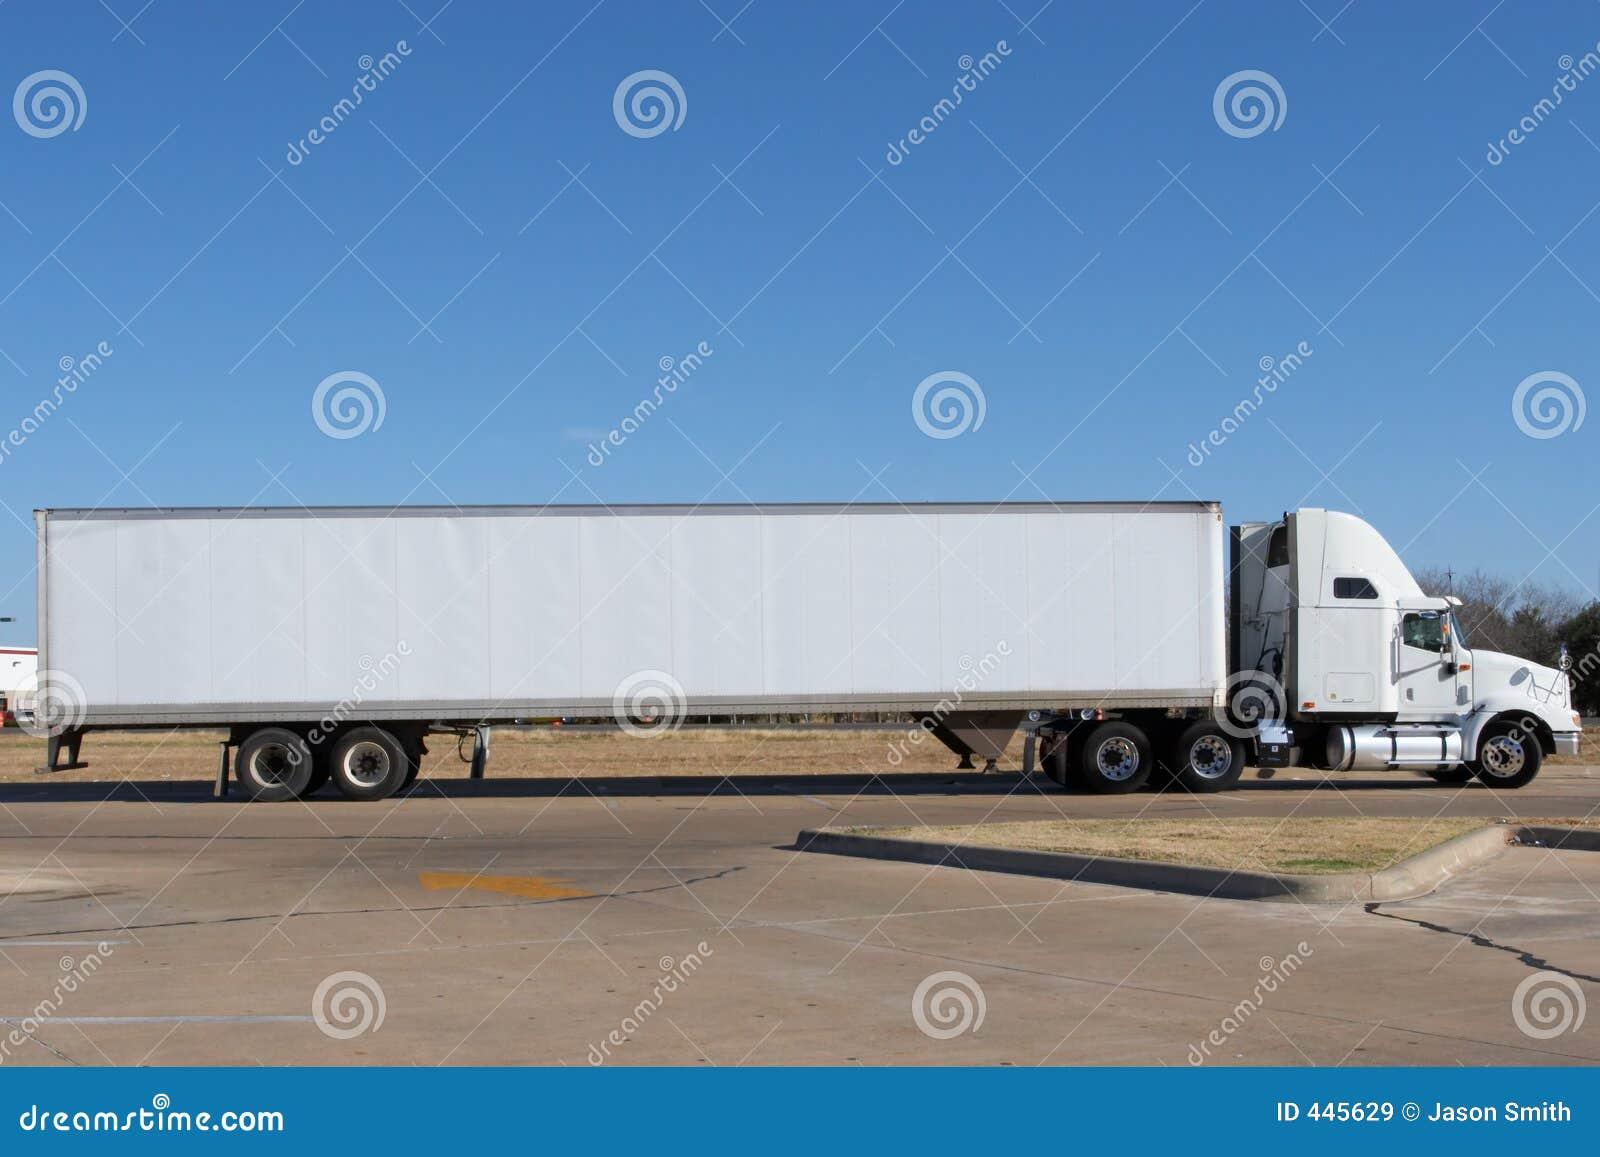 Lege Vrachtwagen